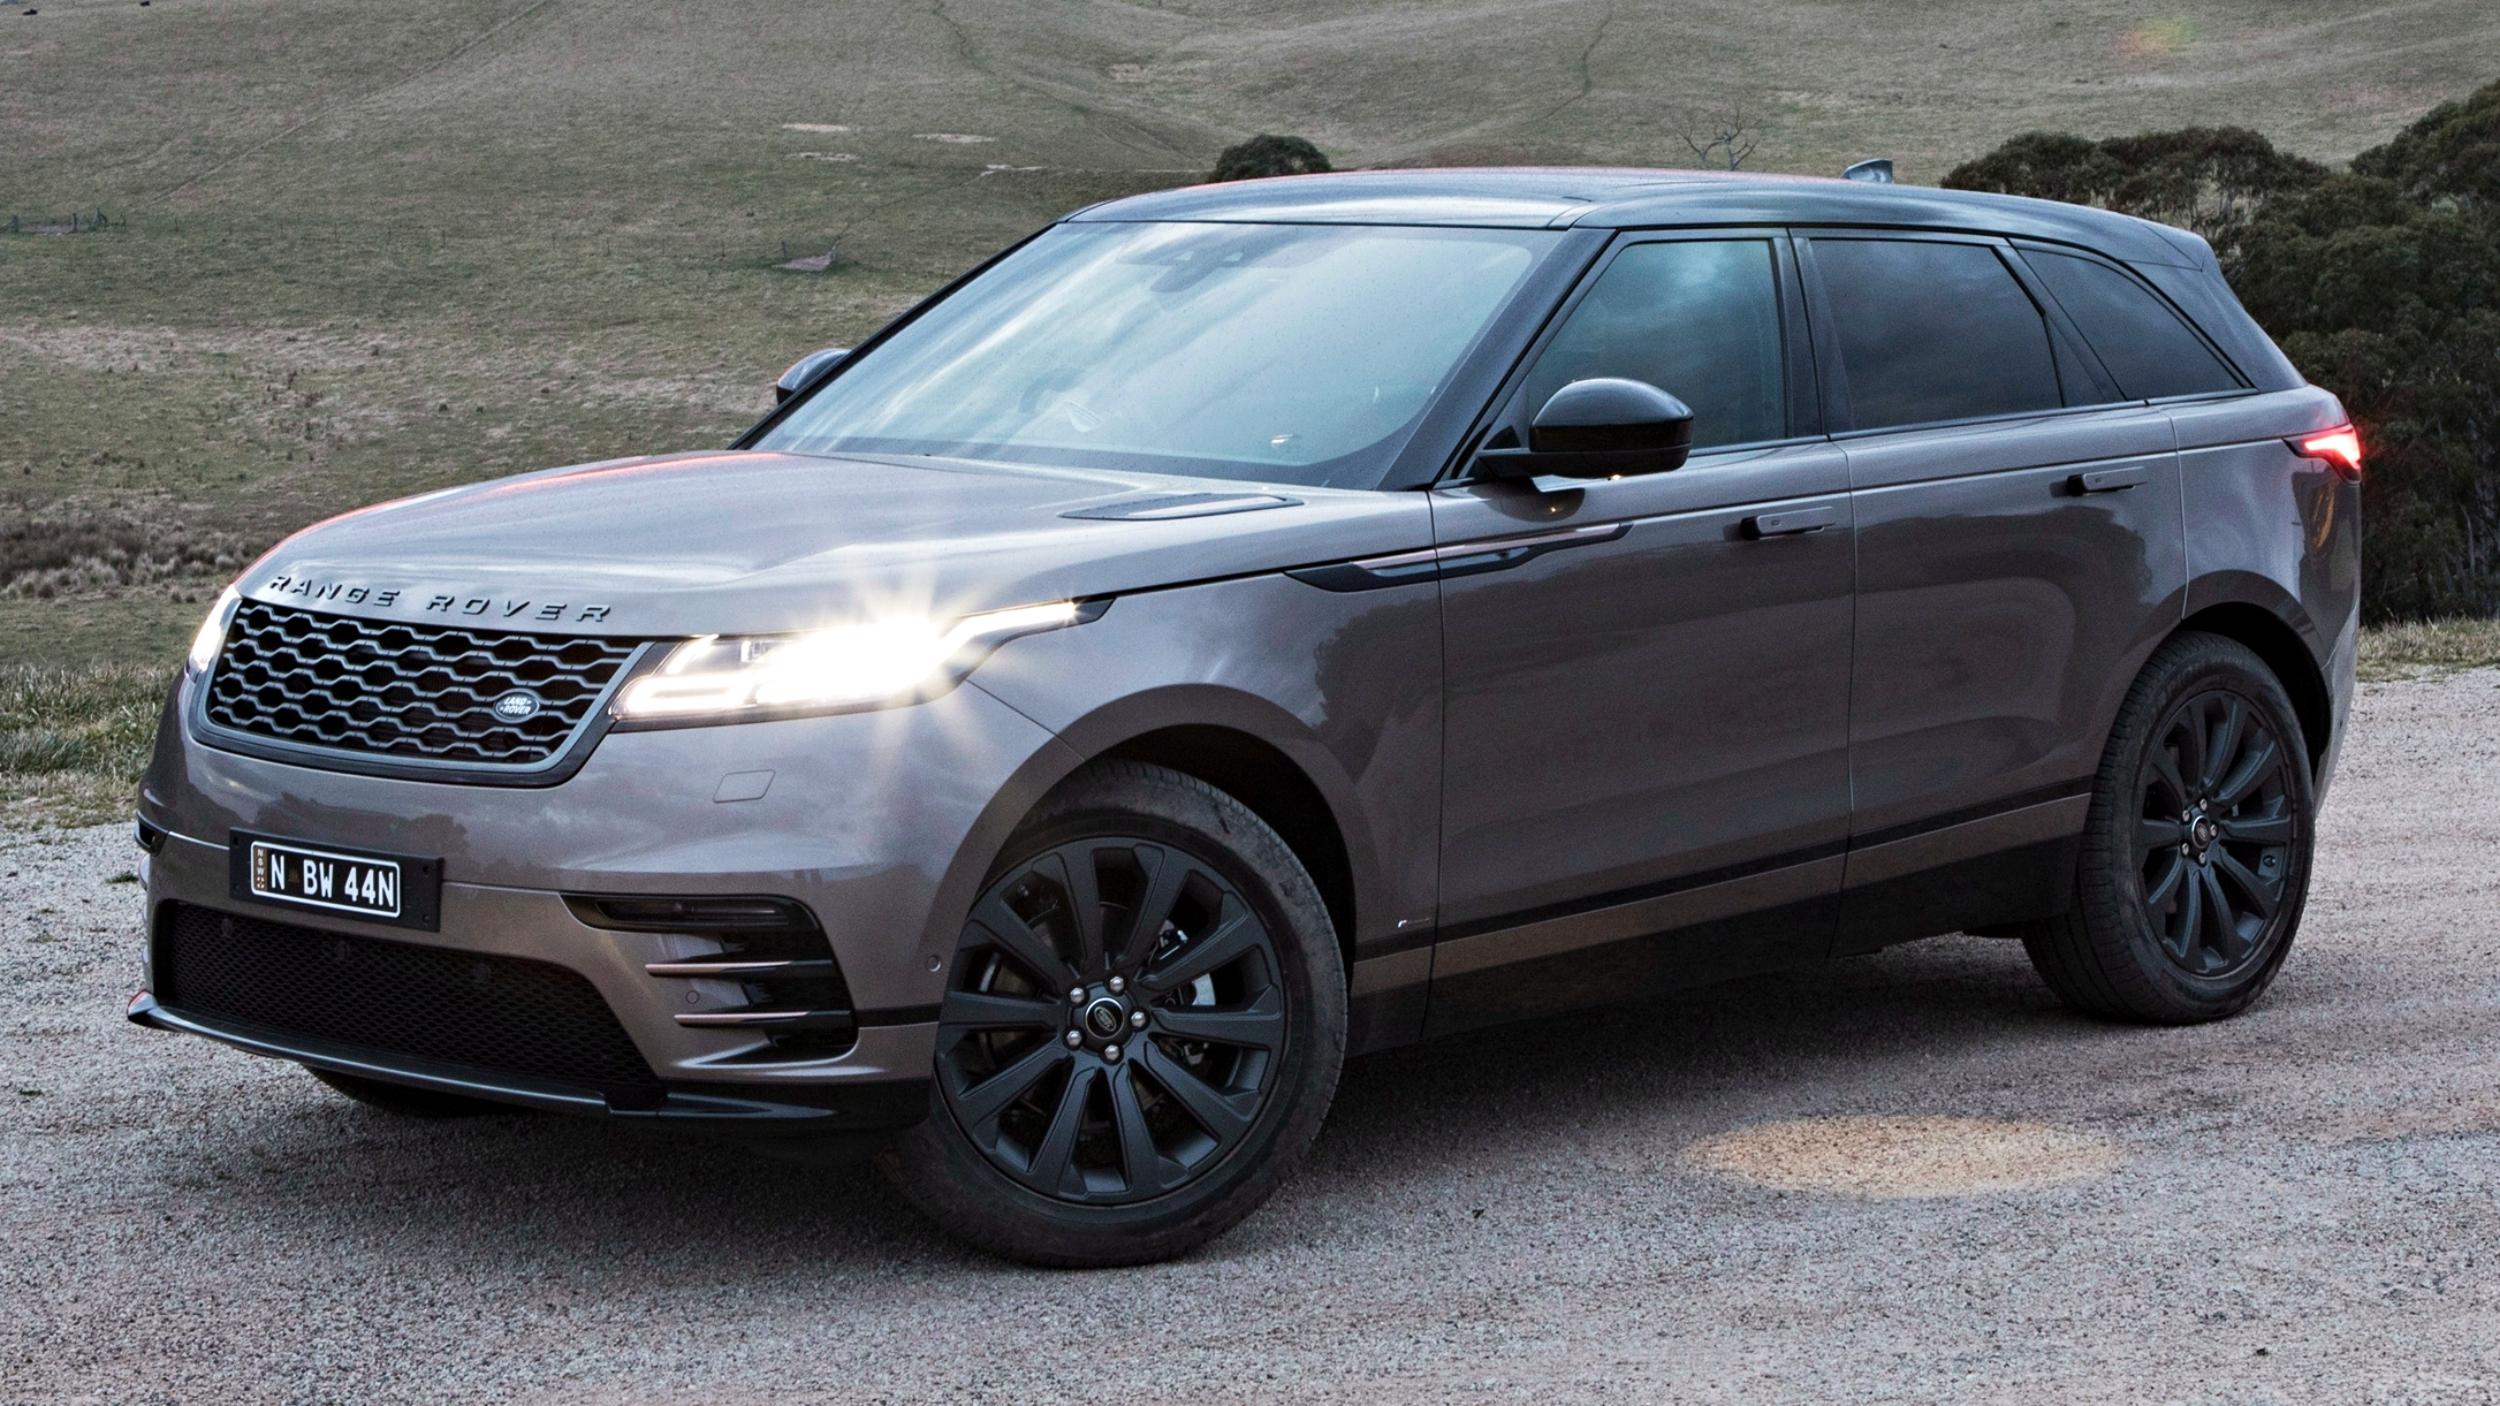 News - Range Rover Velar Updated For 2019